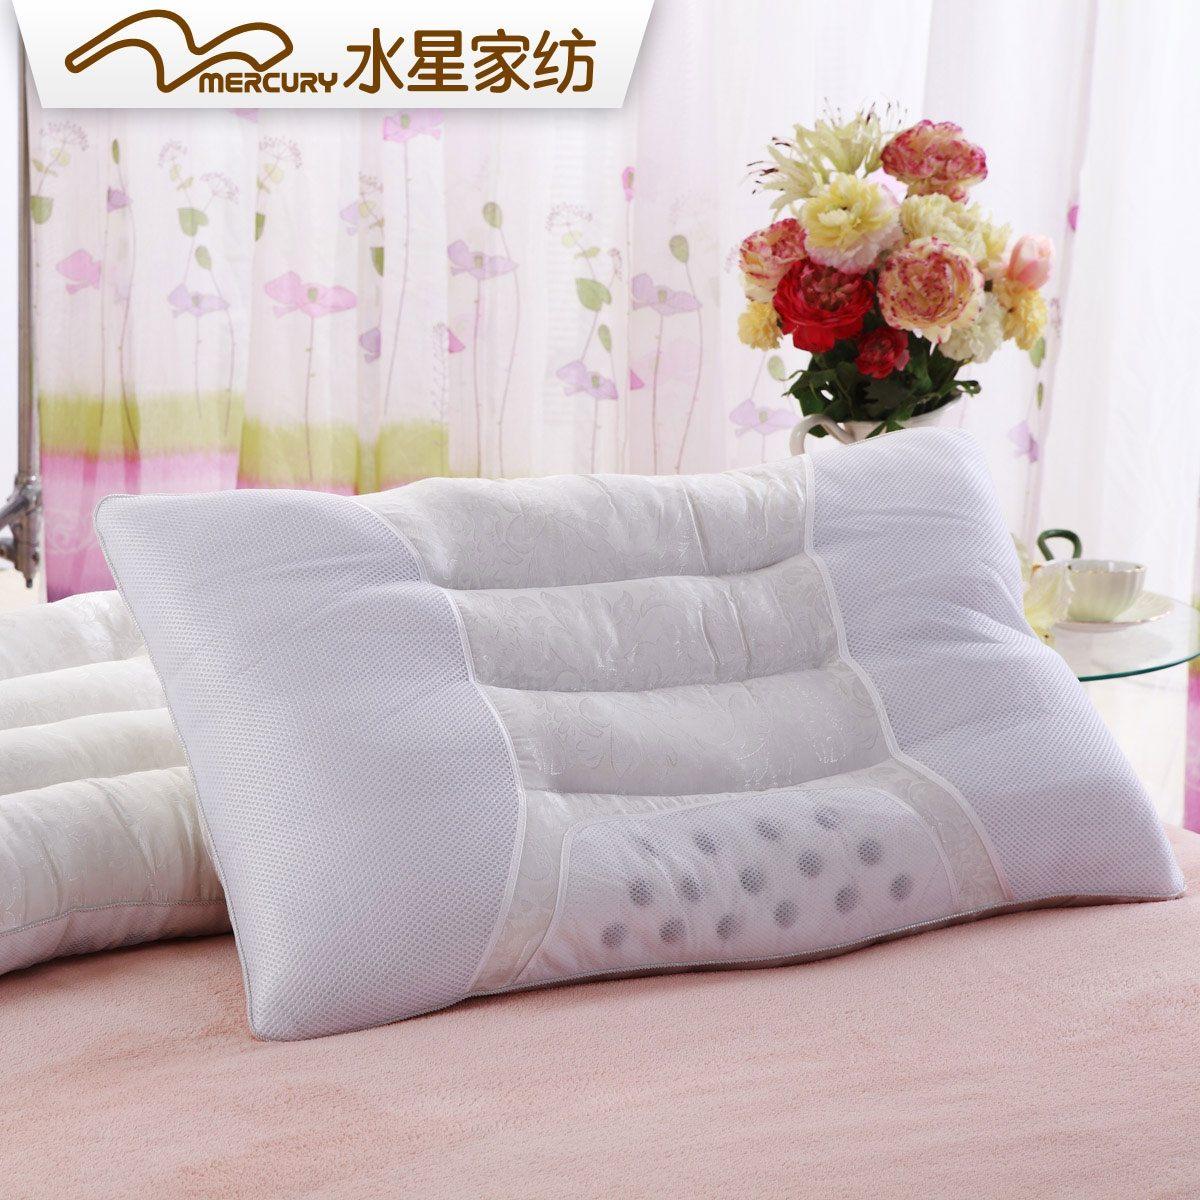 水星家纺磁疗枕芯501237